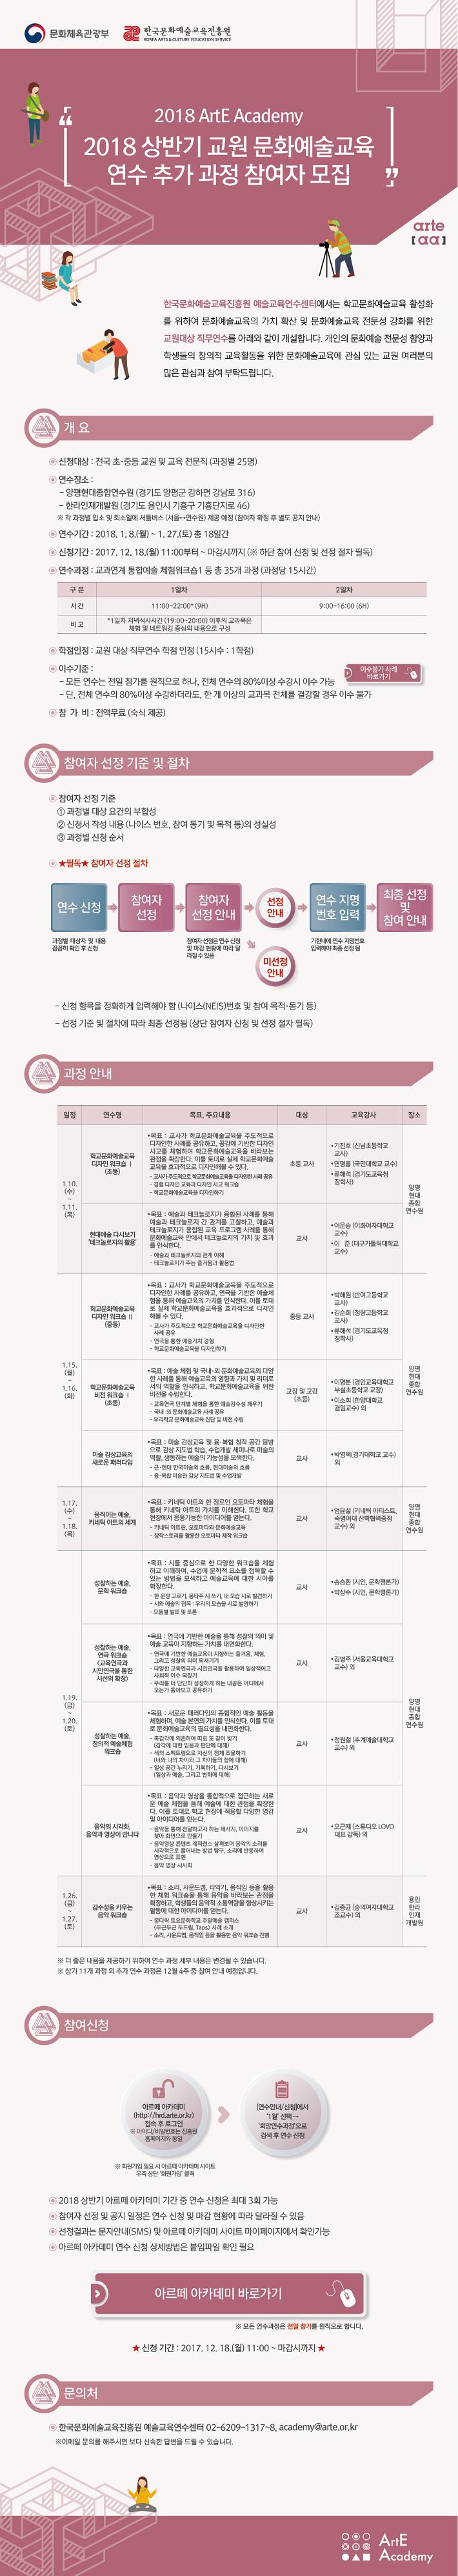 [한국문화예술교육진흥원] 2018 상반기 교원 문화예술교육 연수 추가 과정 참여자 모집이미지1